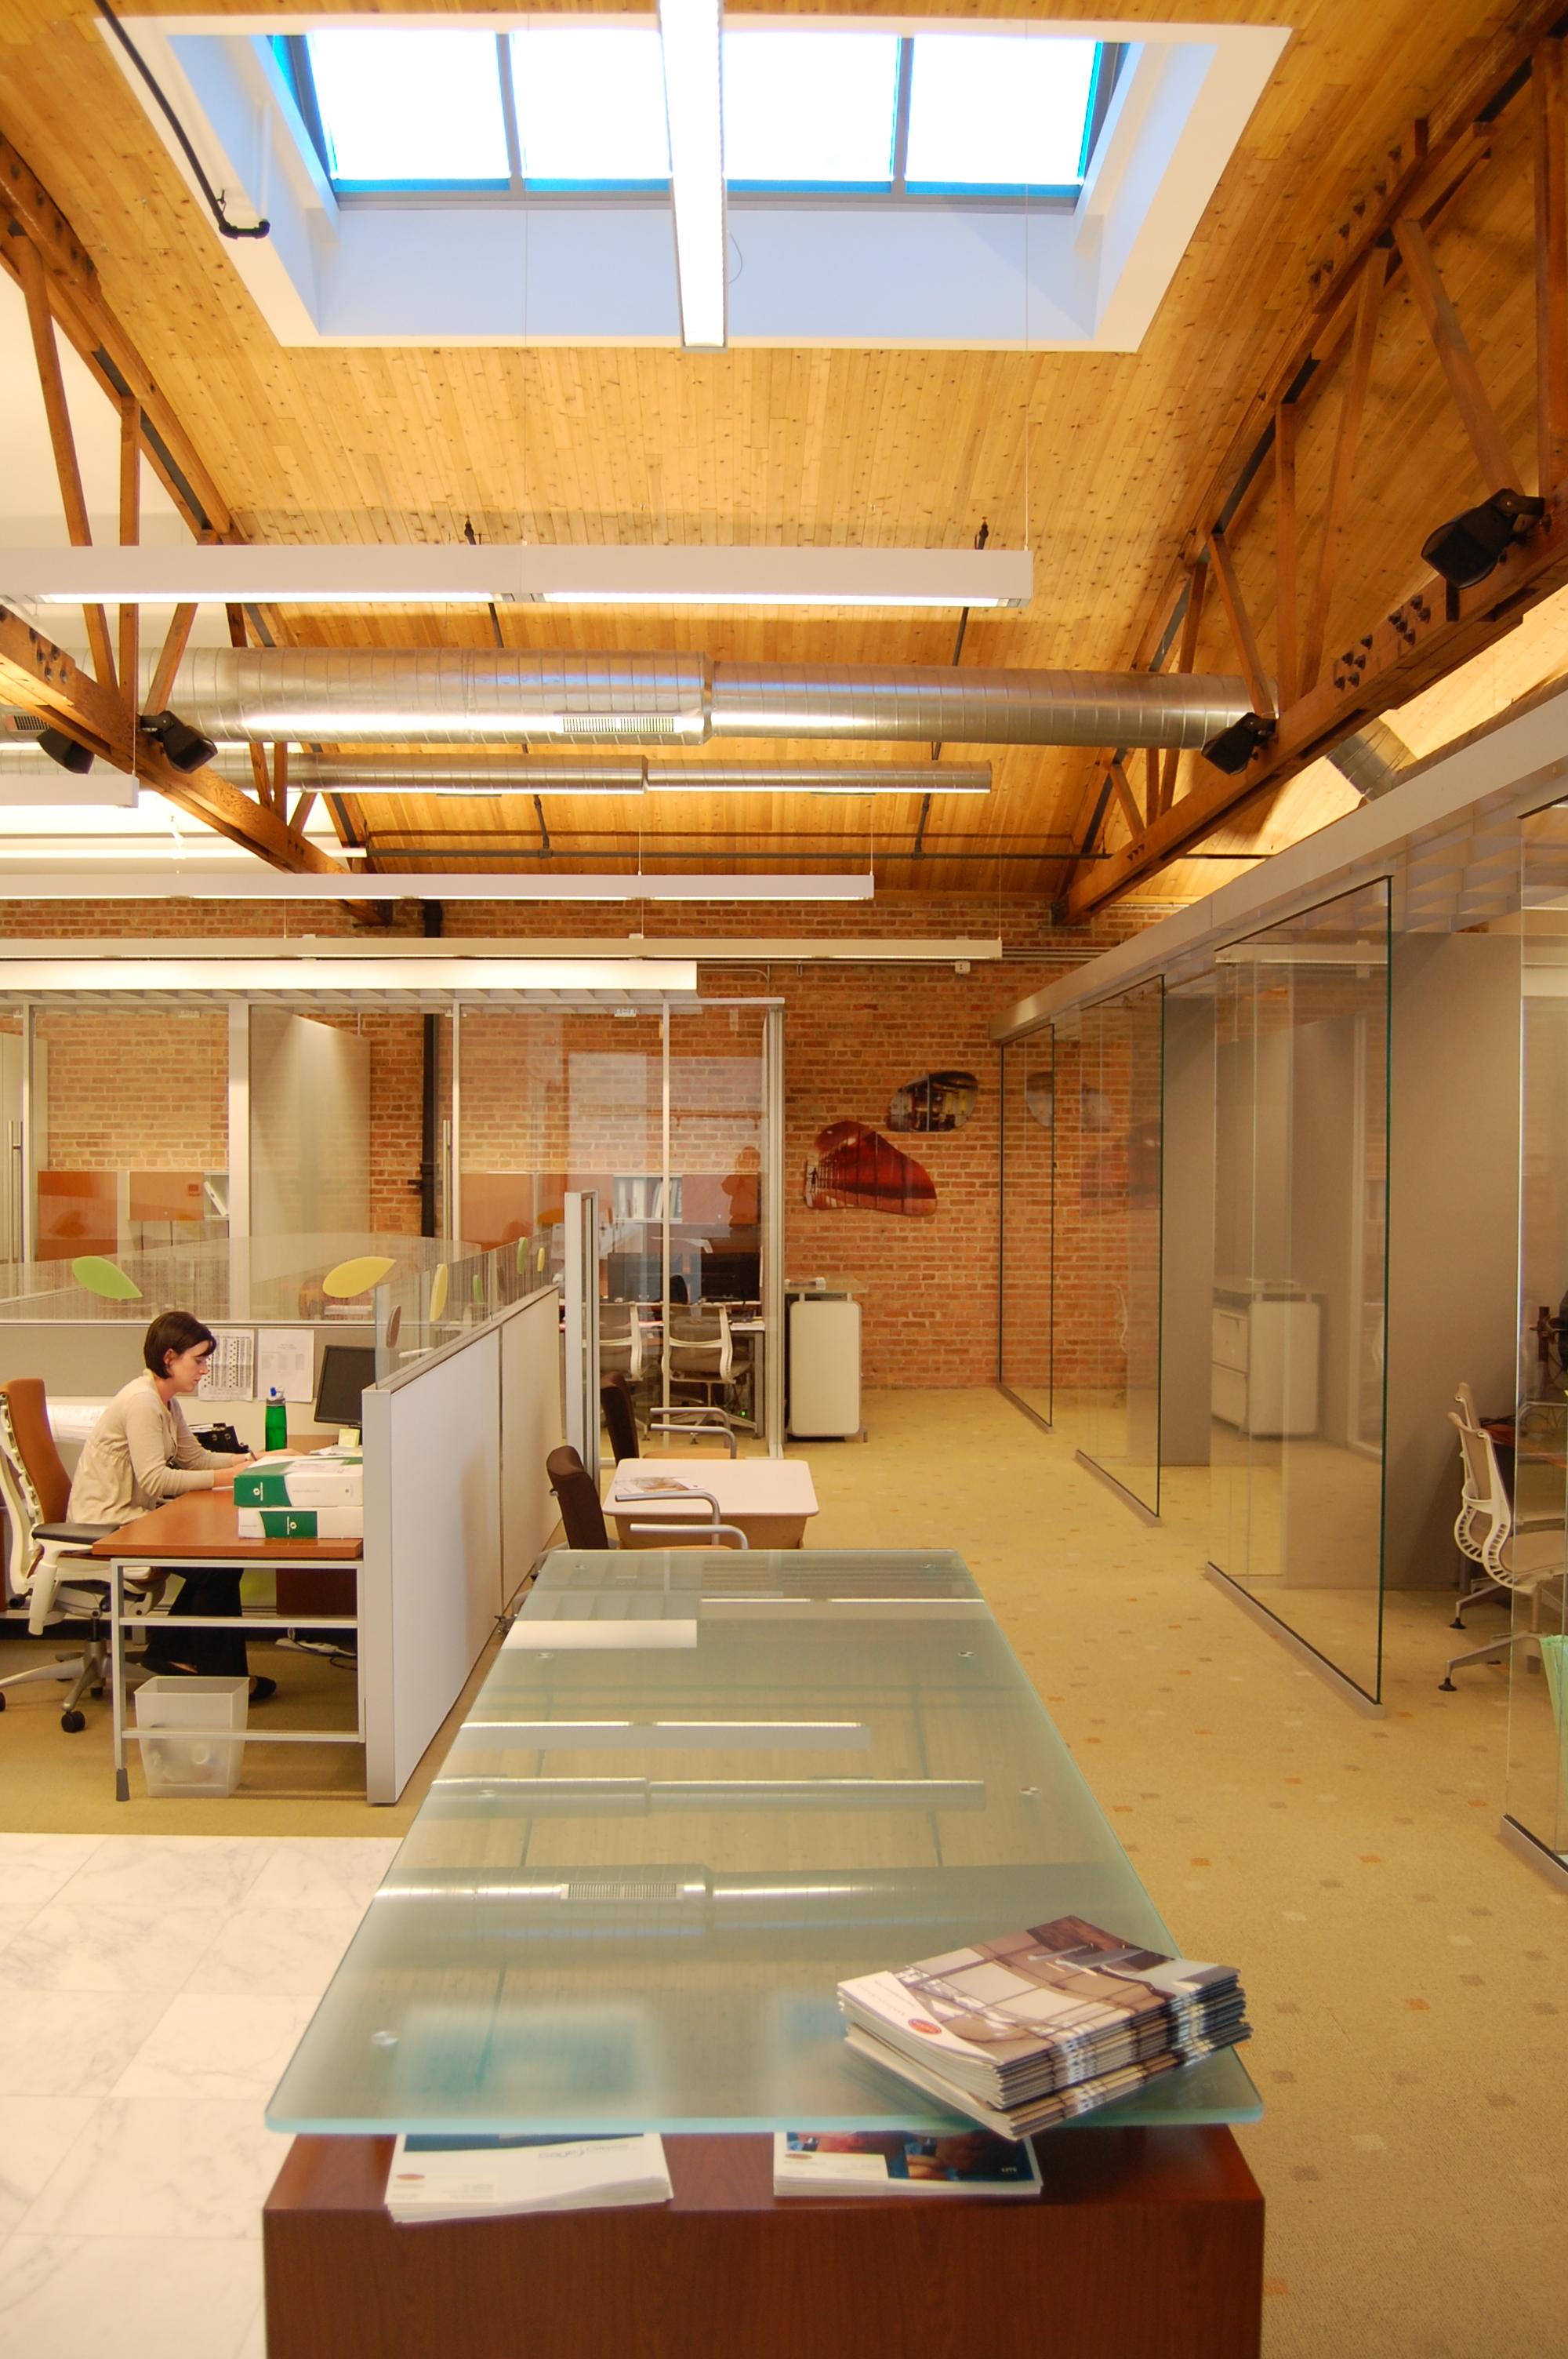 TRAINOR GLASS COMPANY RETAIL /CORPORATE OFFICE    Chicago, IL